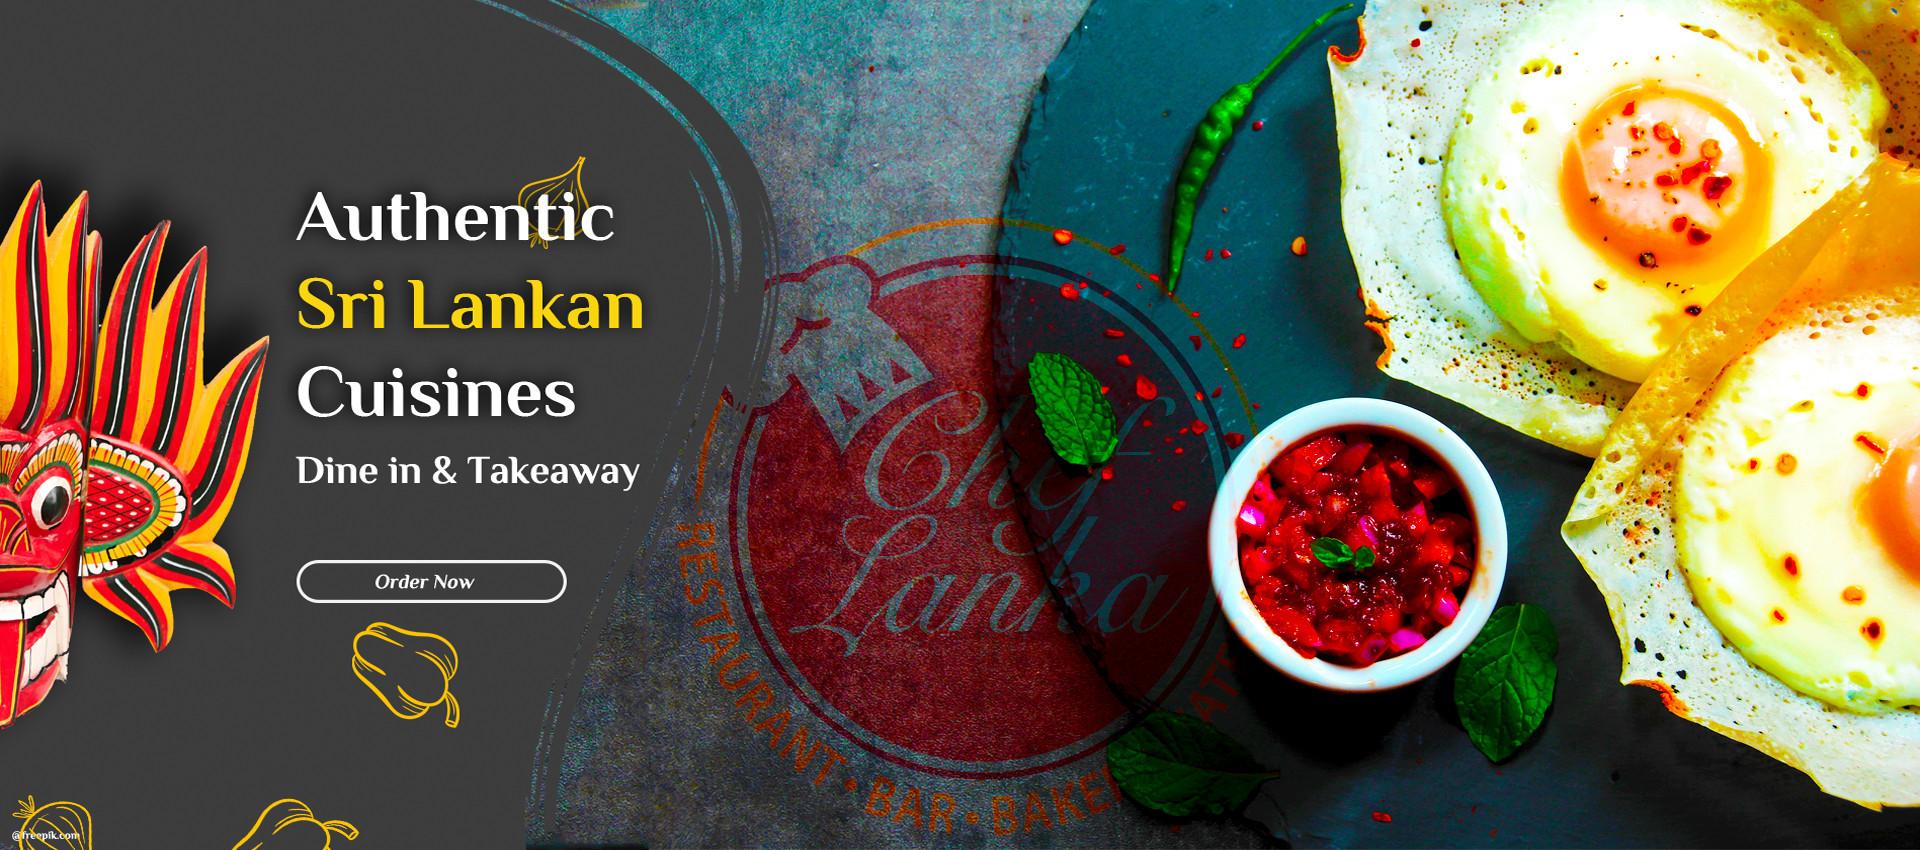 Chef Lanka Restaurant